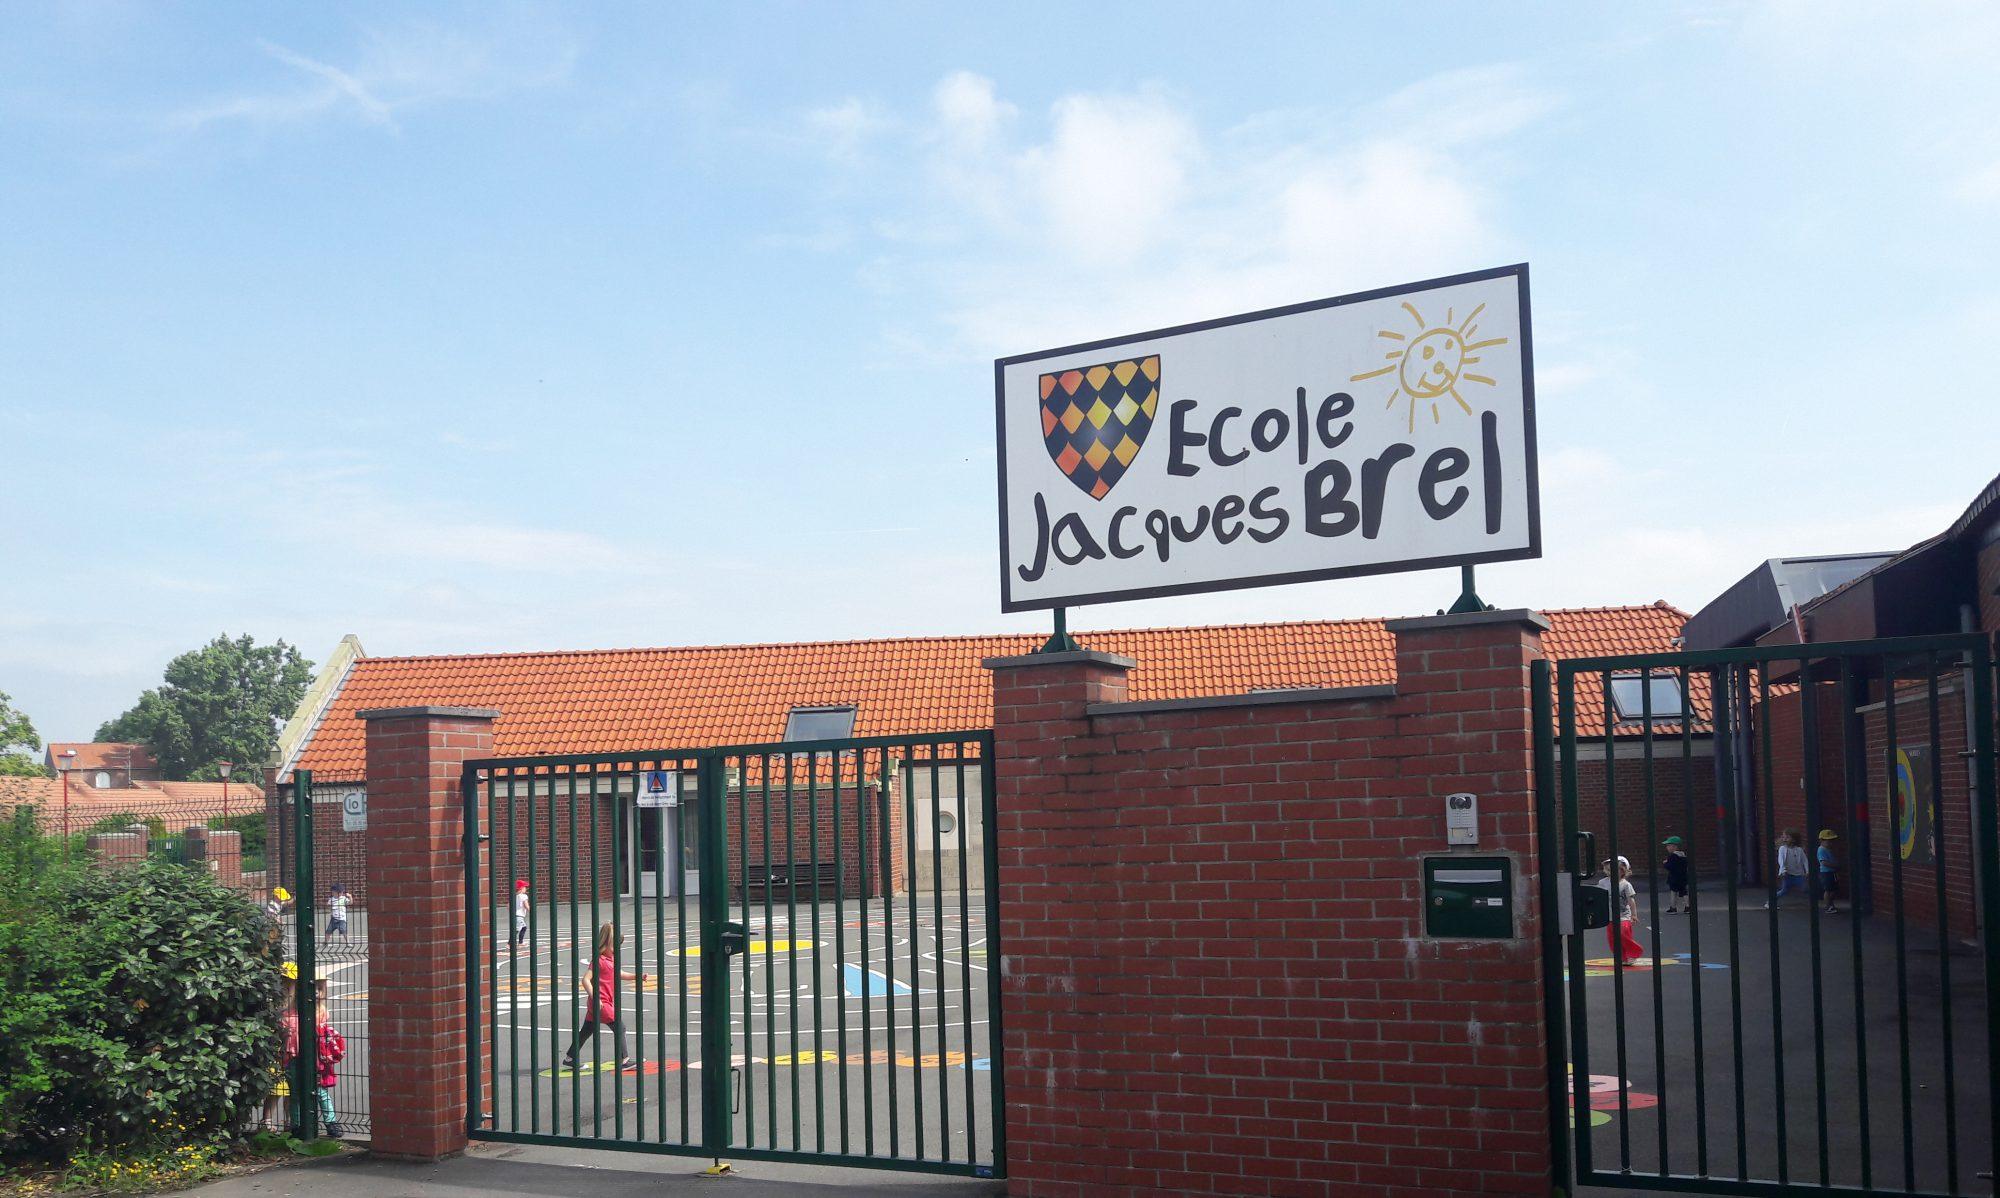 Ecole Jacques Brel